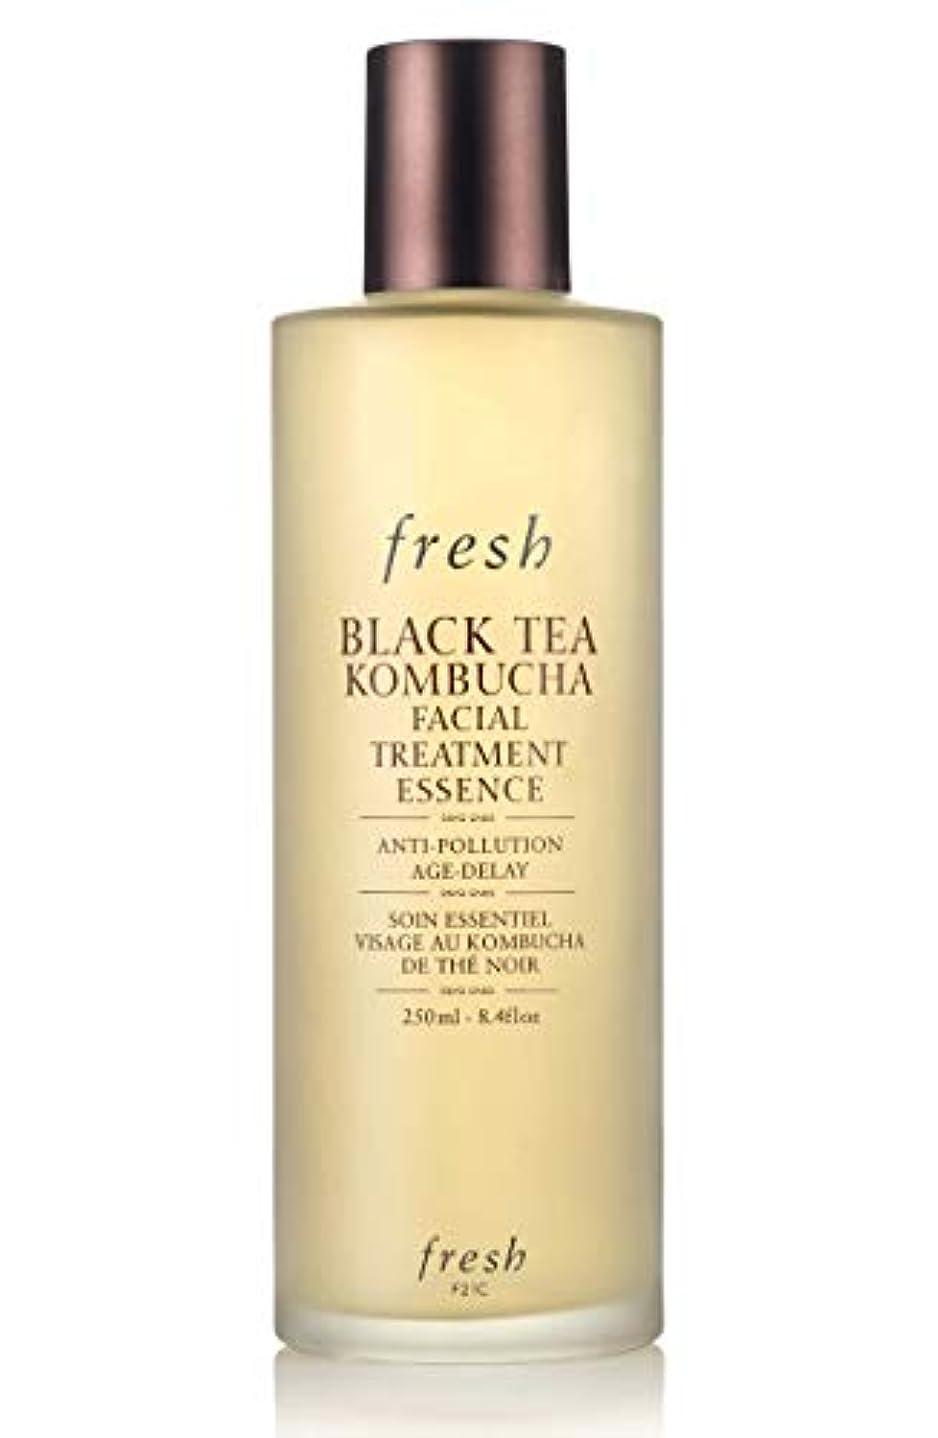 位置する巡礼者失効フレッシュ Black Tea Kombucha Facial Treatment Essence 250ml/8.4oz並行輸入品